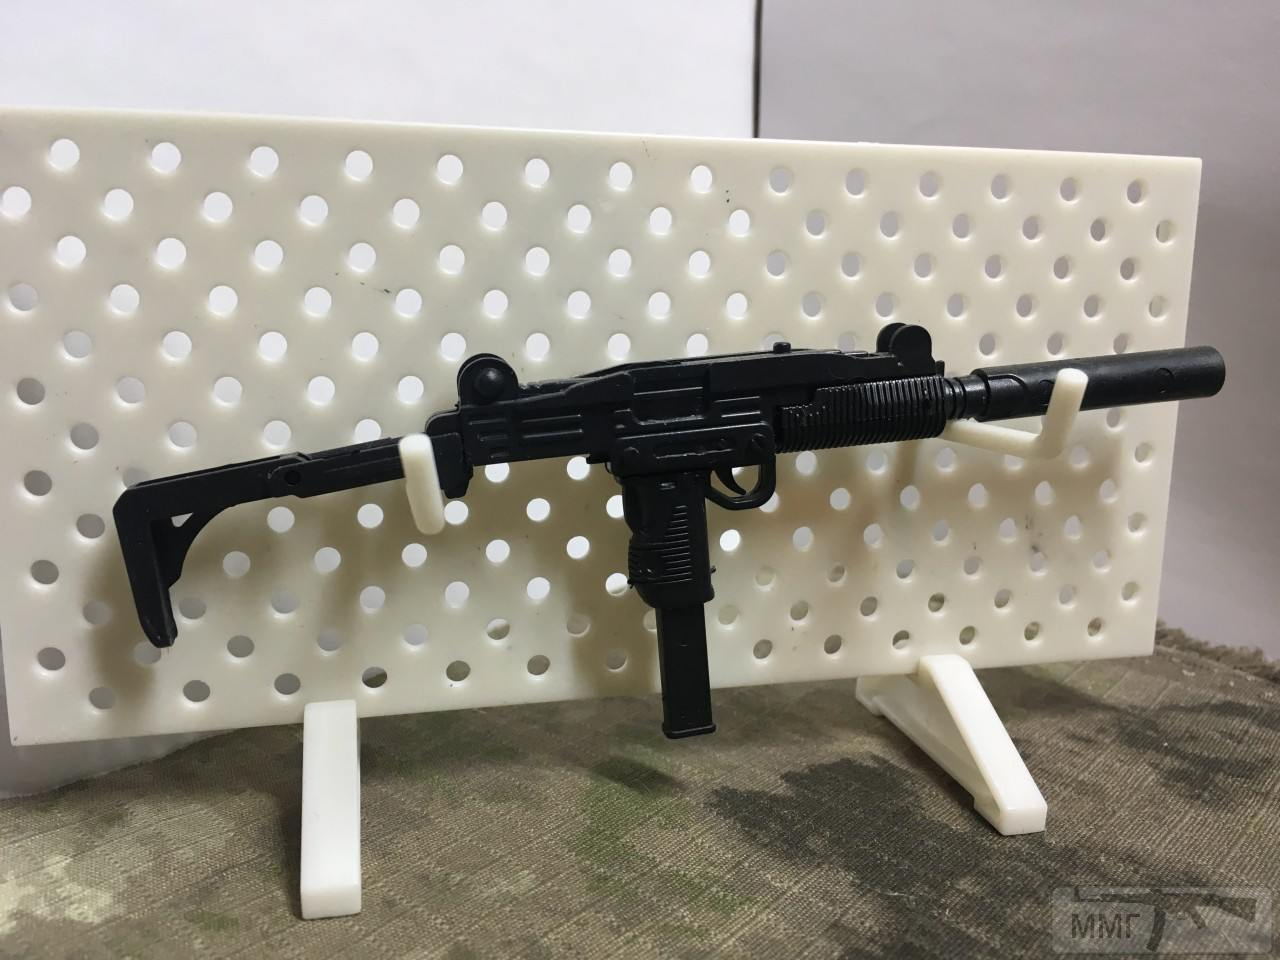 54000 - Макеты оружия/ модели 1:6